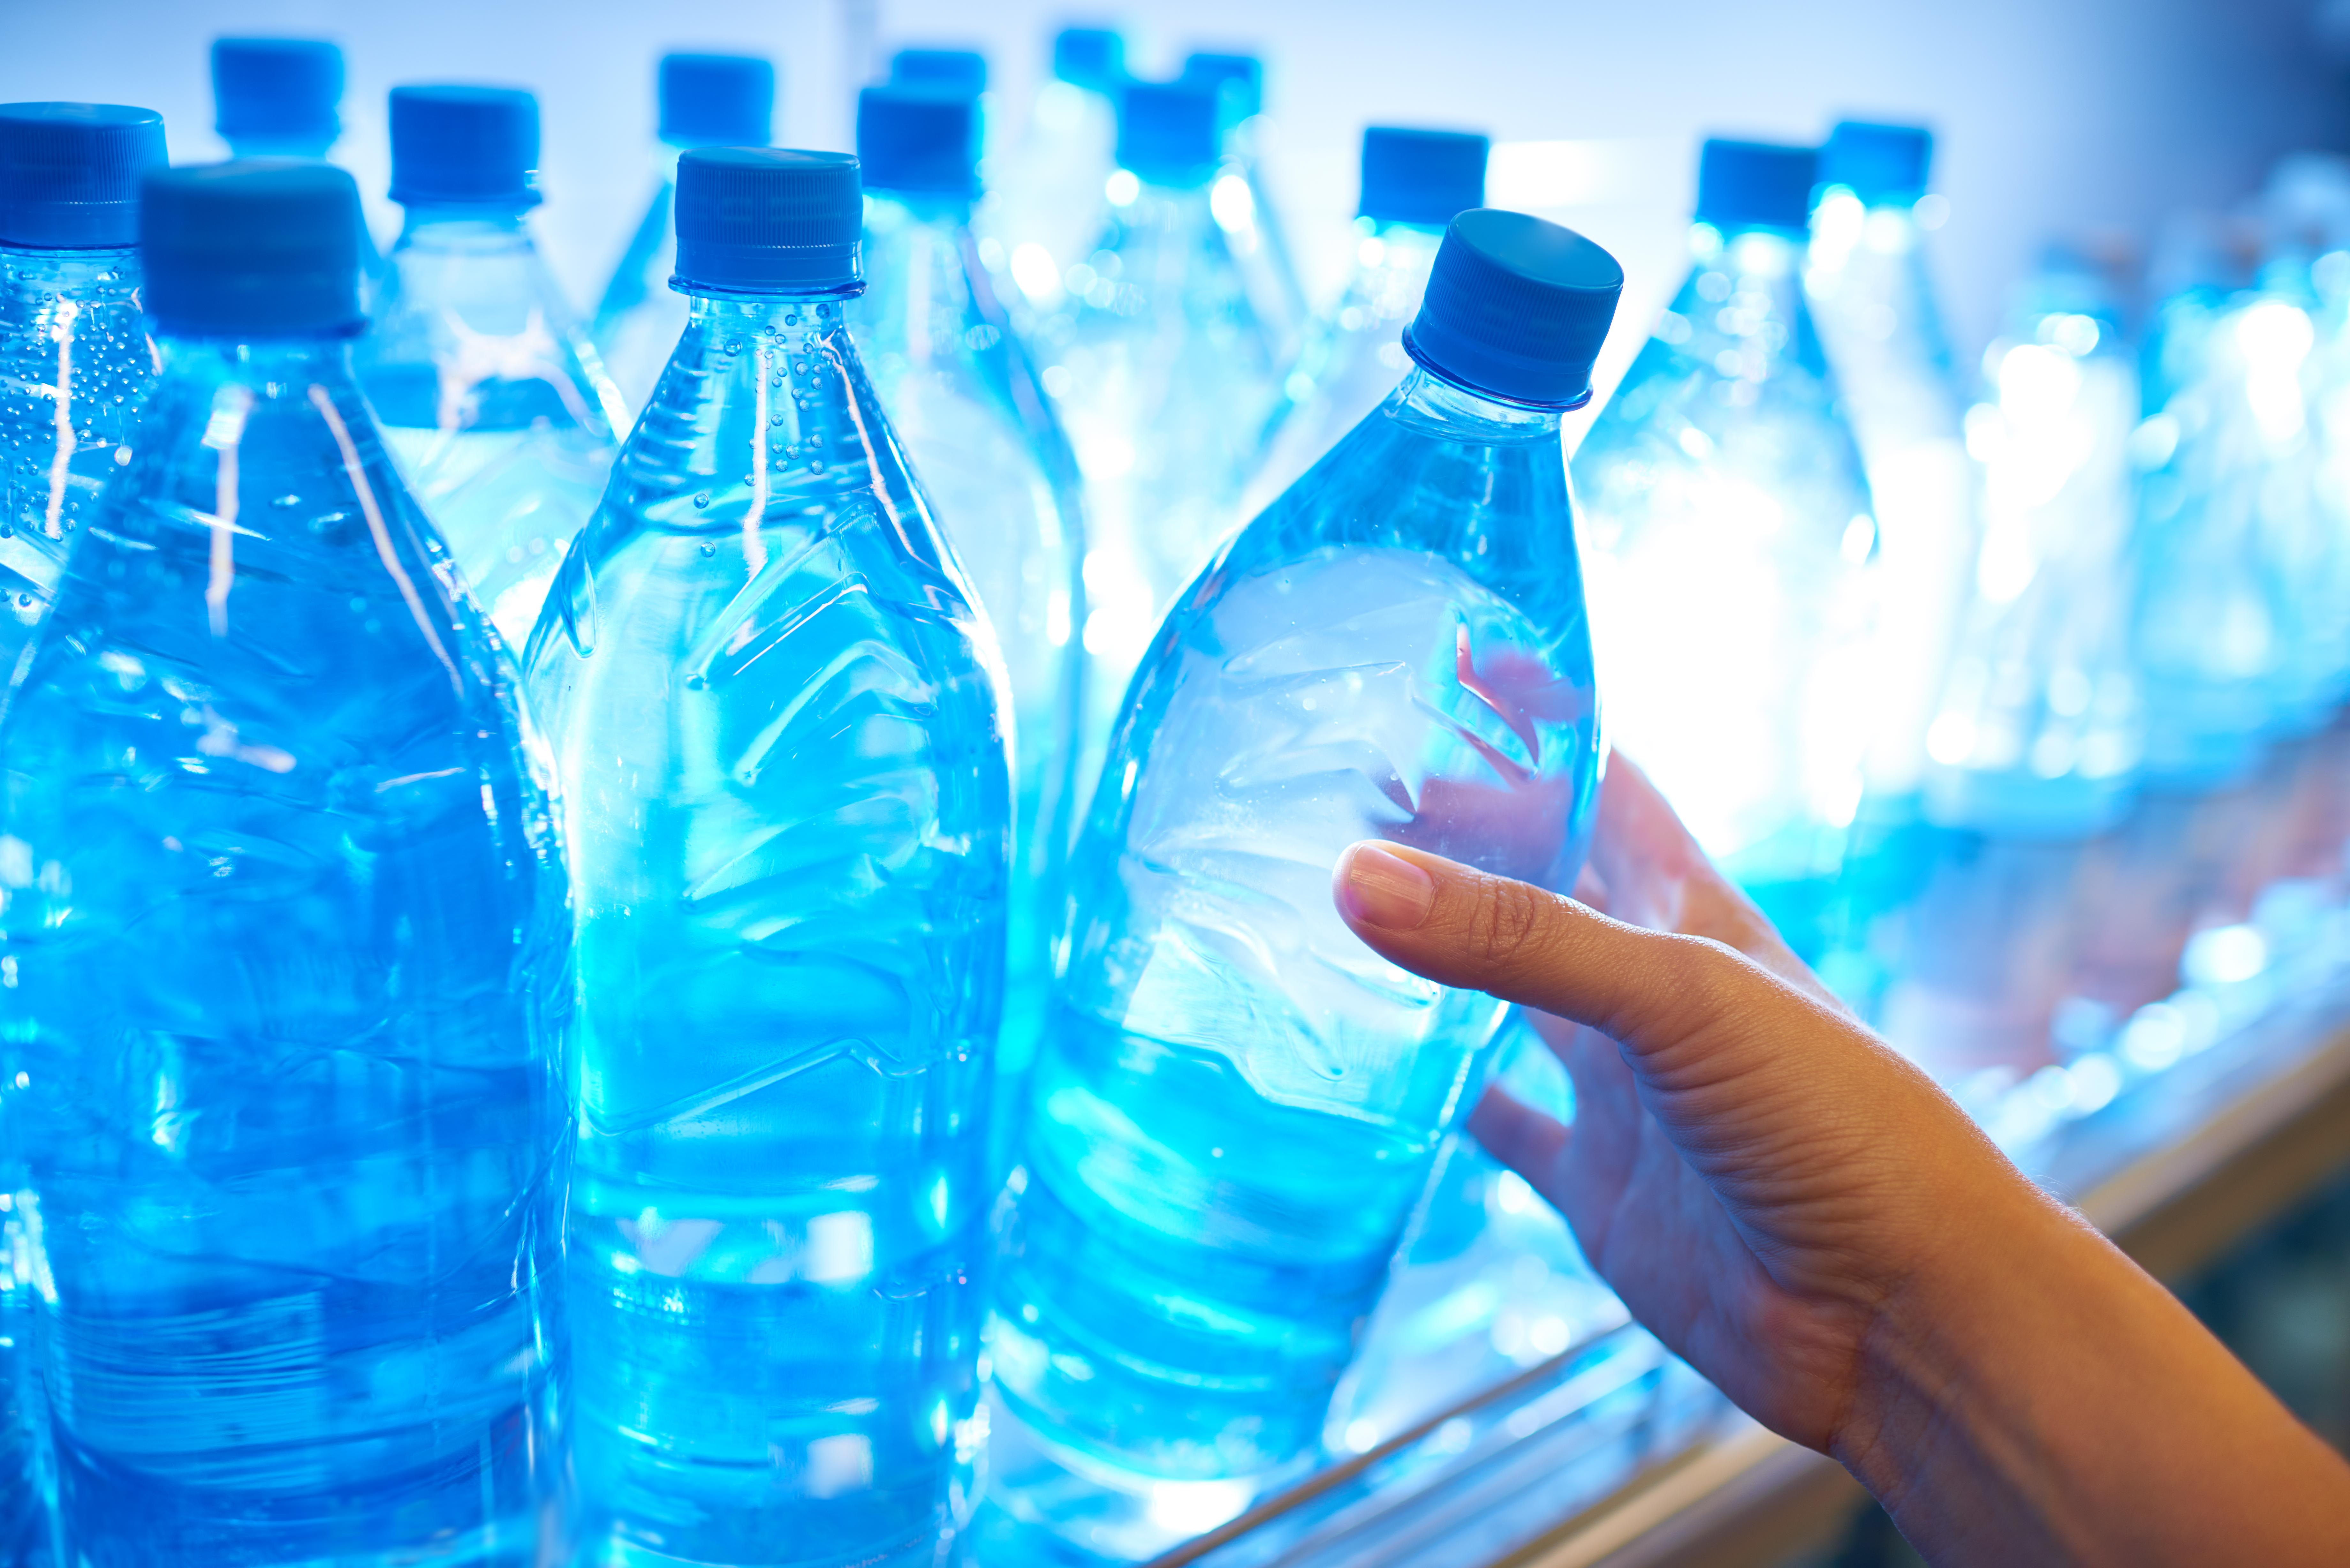 <p><strong>Пиене от пластмасови бутилки</strong><br /> Логично е да се приеме, че пиенето от пластмасови бутилки е безопасно и здравословно нещо. Не всички материали обаче са еднакво безопасни и екологични. Пластмасовите бутилки са опасни заради &nbsp;химикалите, които отделят при излагането им на високи температури.<br /> Например, ако оставите пластмасова бутилка в колата си в горещ ден, повърхностните слоеве на пластмасата могат да отделят токсичен химикал (бисфенол А), който може да замърси водата, която пиете.&nbsp;</p>